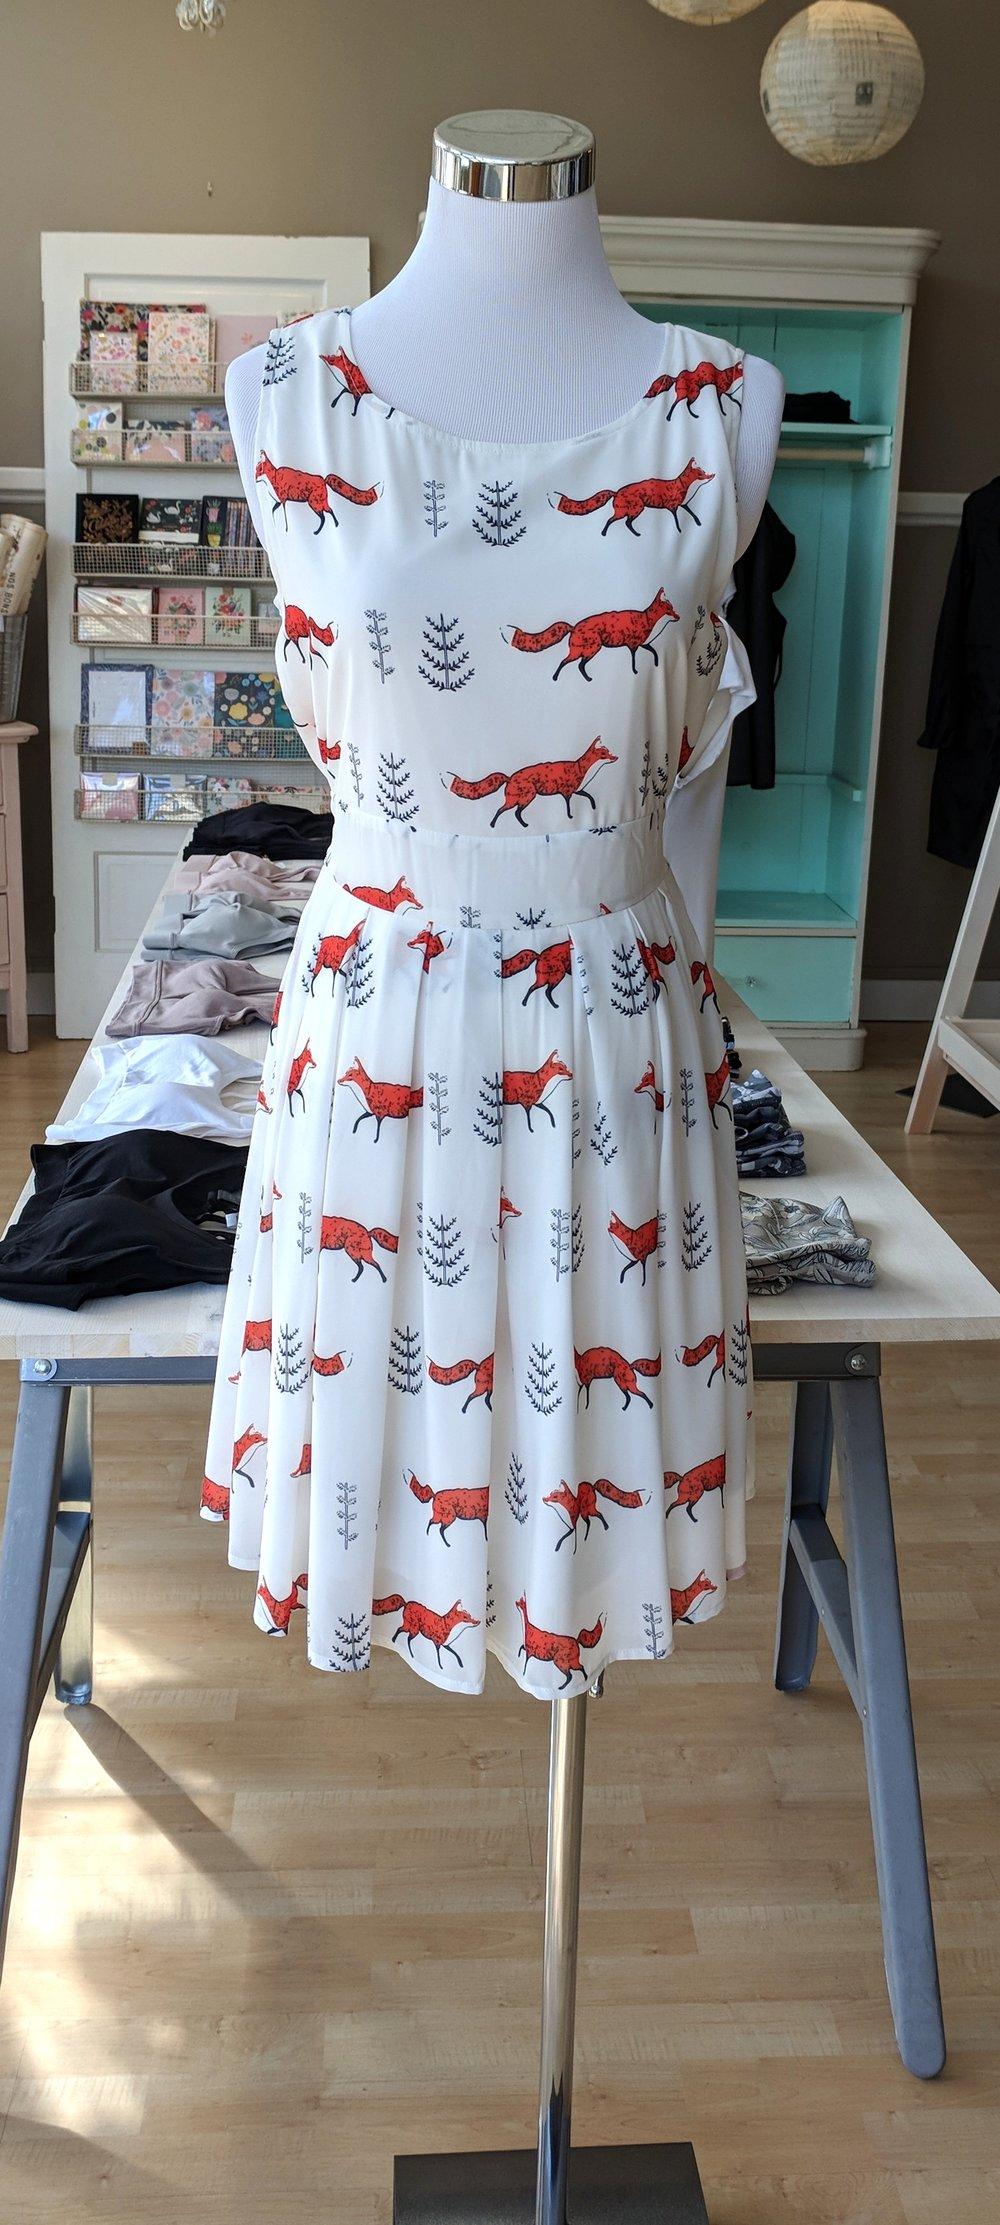 Fox print dress with tie back $45